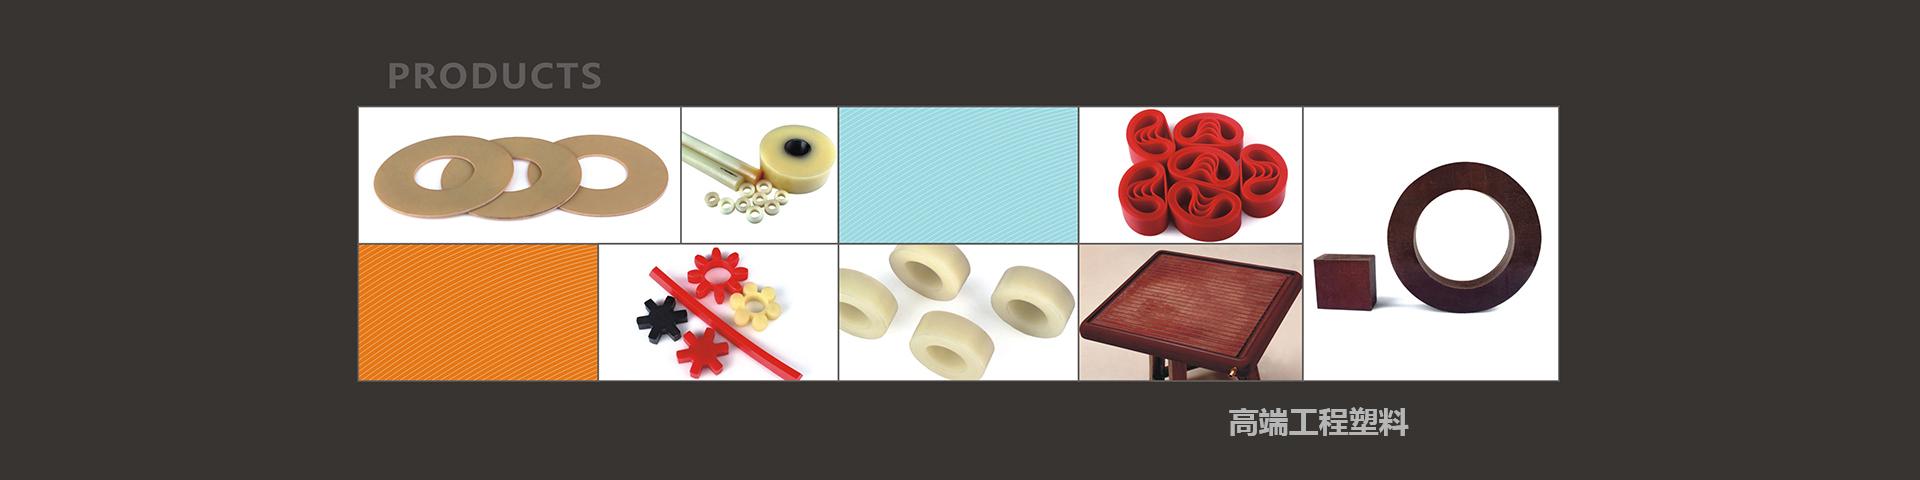 进口工程塑料